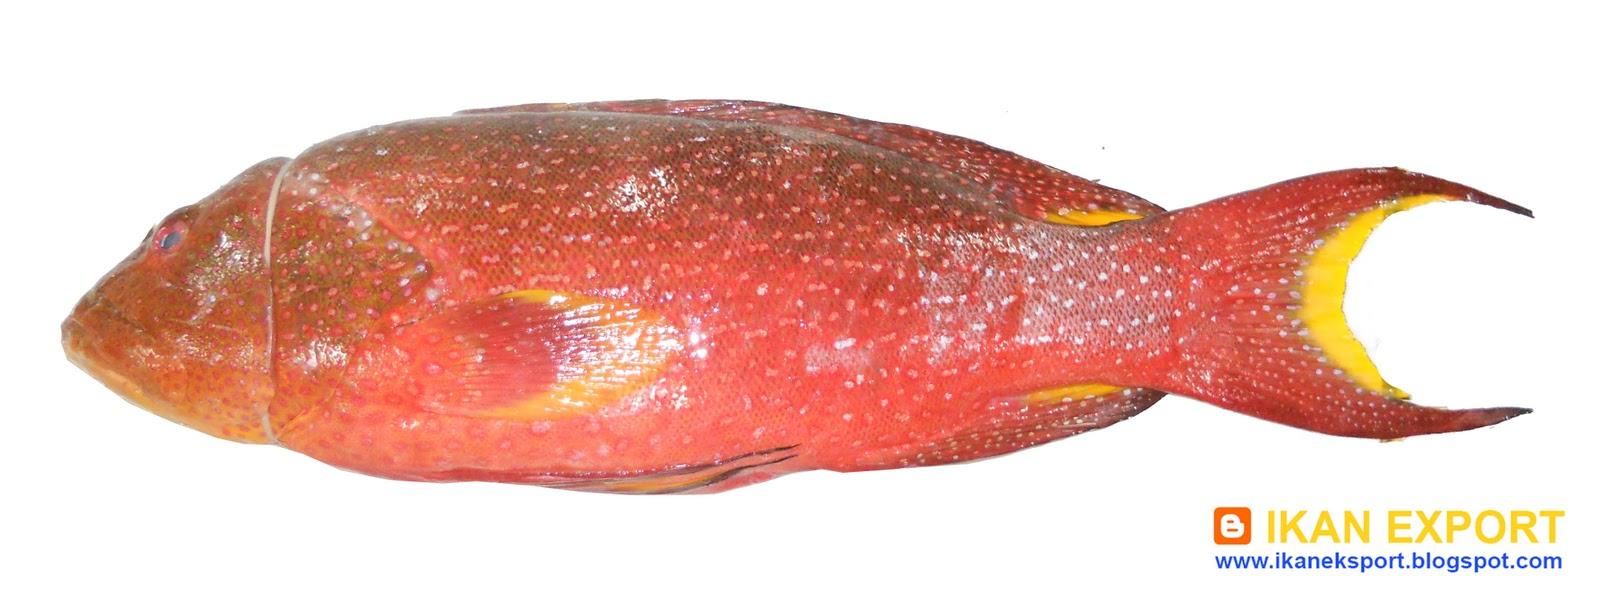 Ikan Eksport Ekor Gunting Up